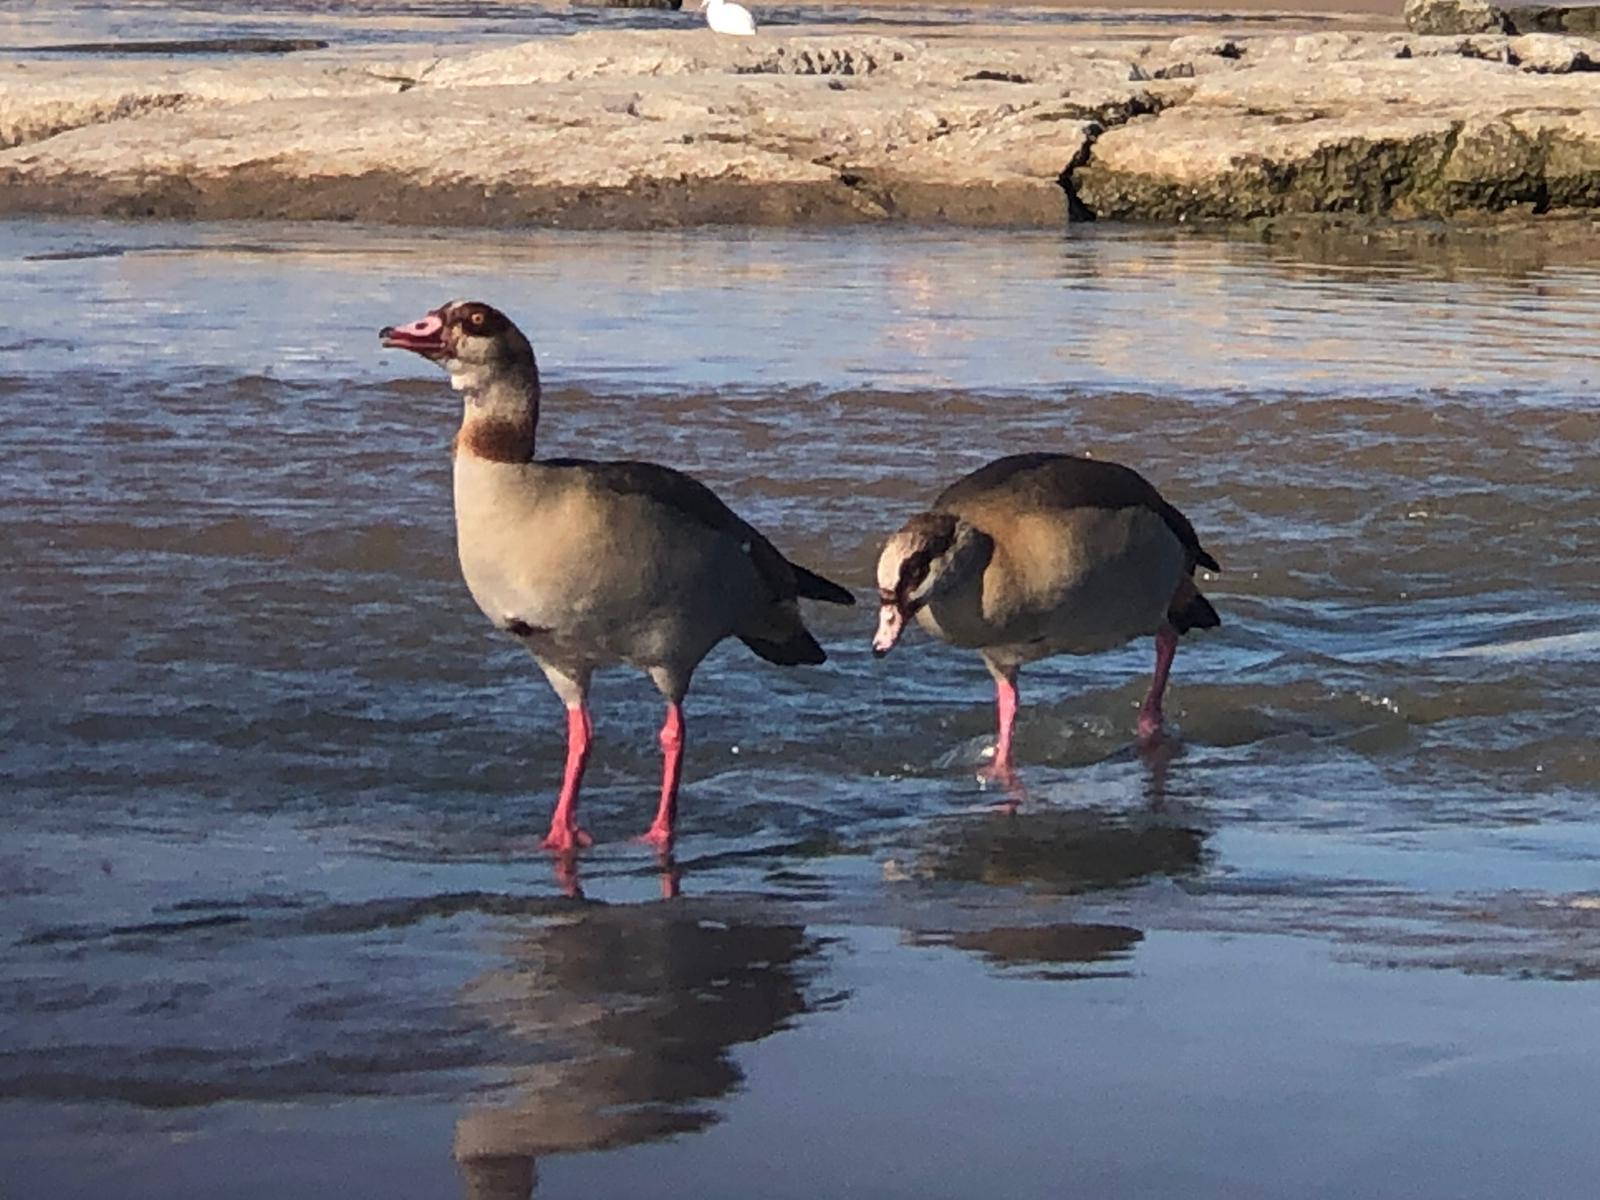 הציפורים בנחל לכיש צילום: שמואל דוד